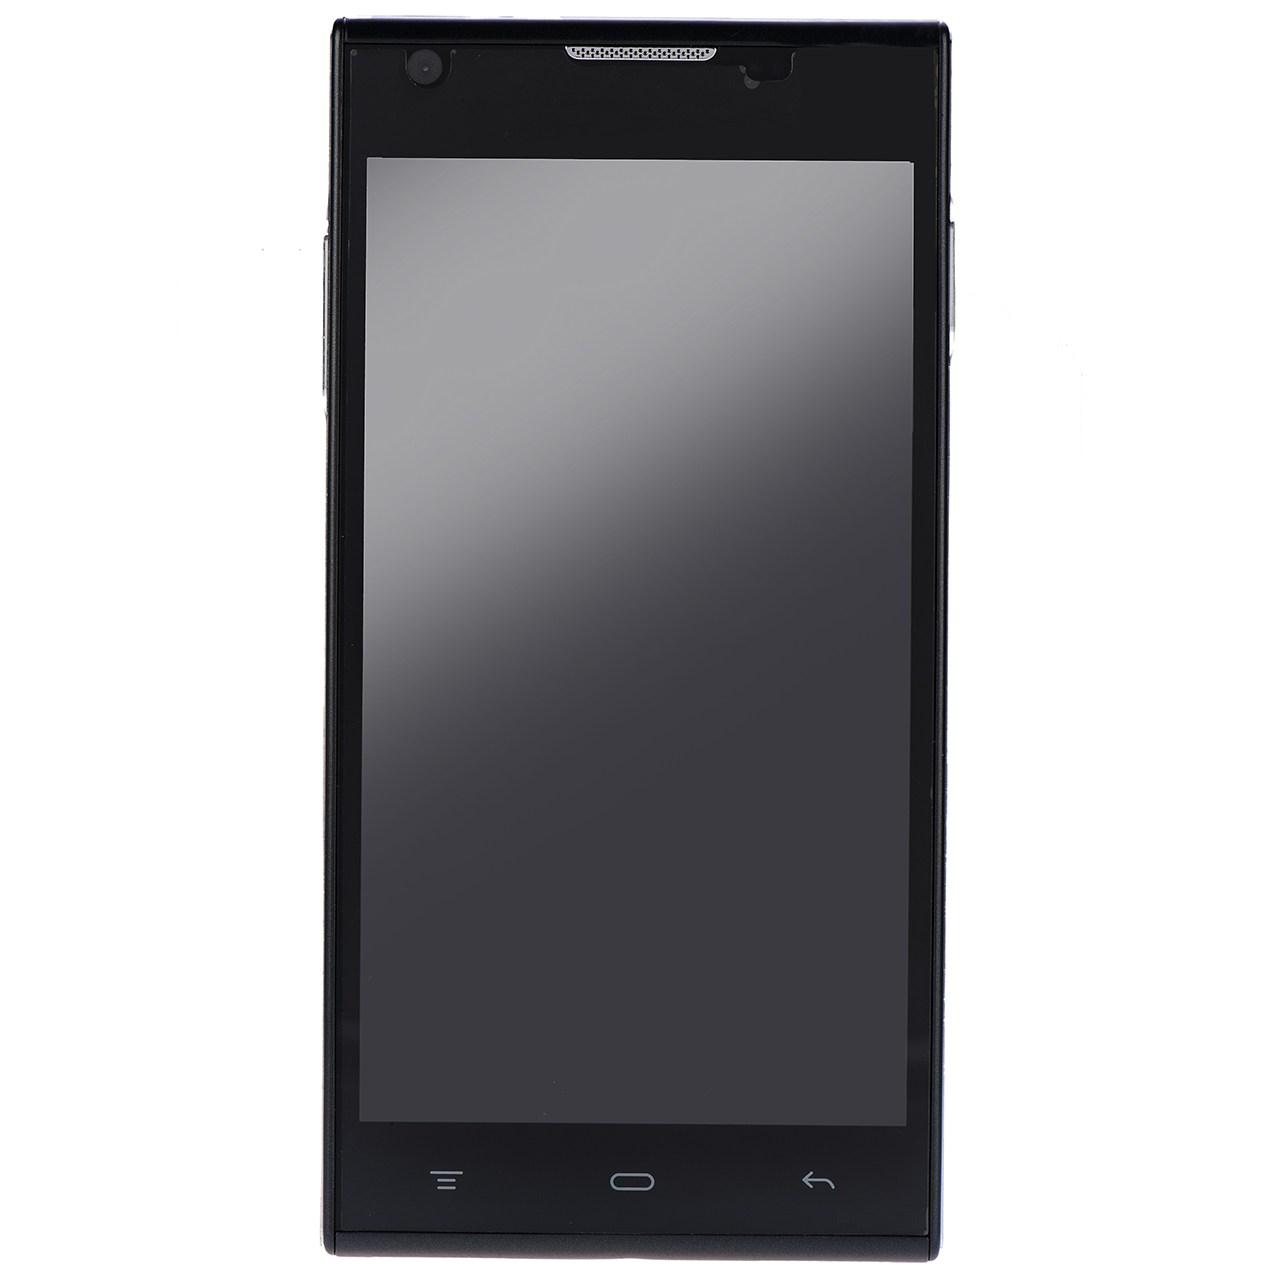 گوشی موبایل دیمو مدل Diox D9